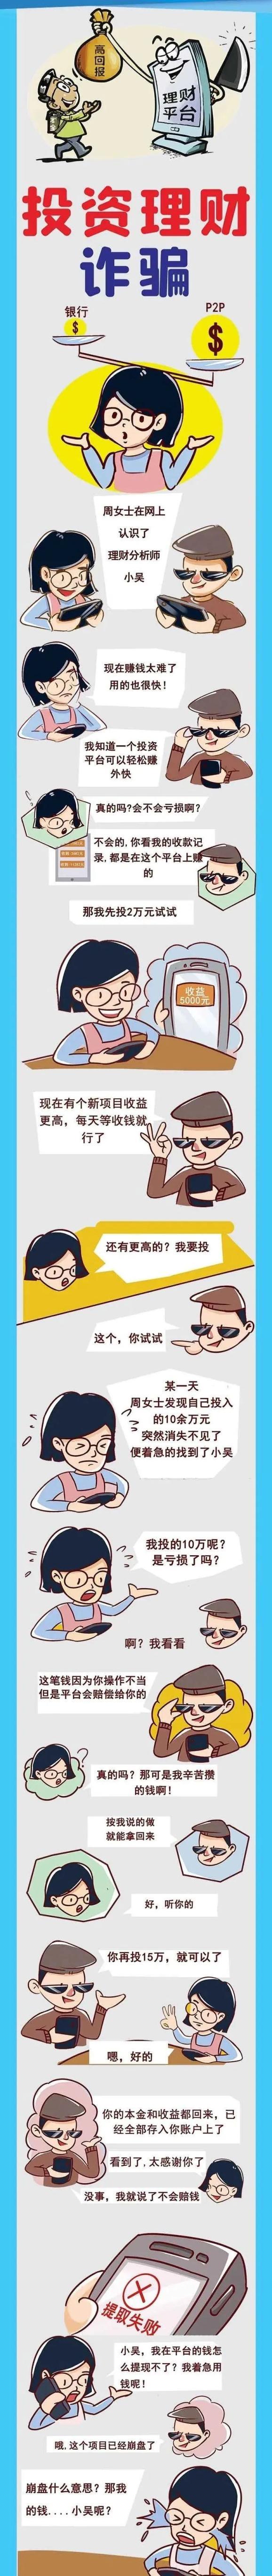 """「理财投资」【雷霆五号】在网上突然认识一个""""理财导师"""""""